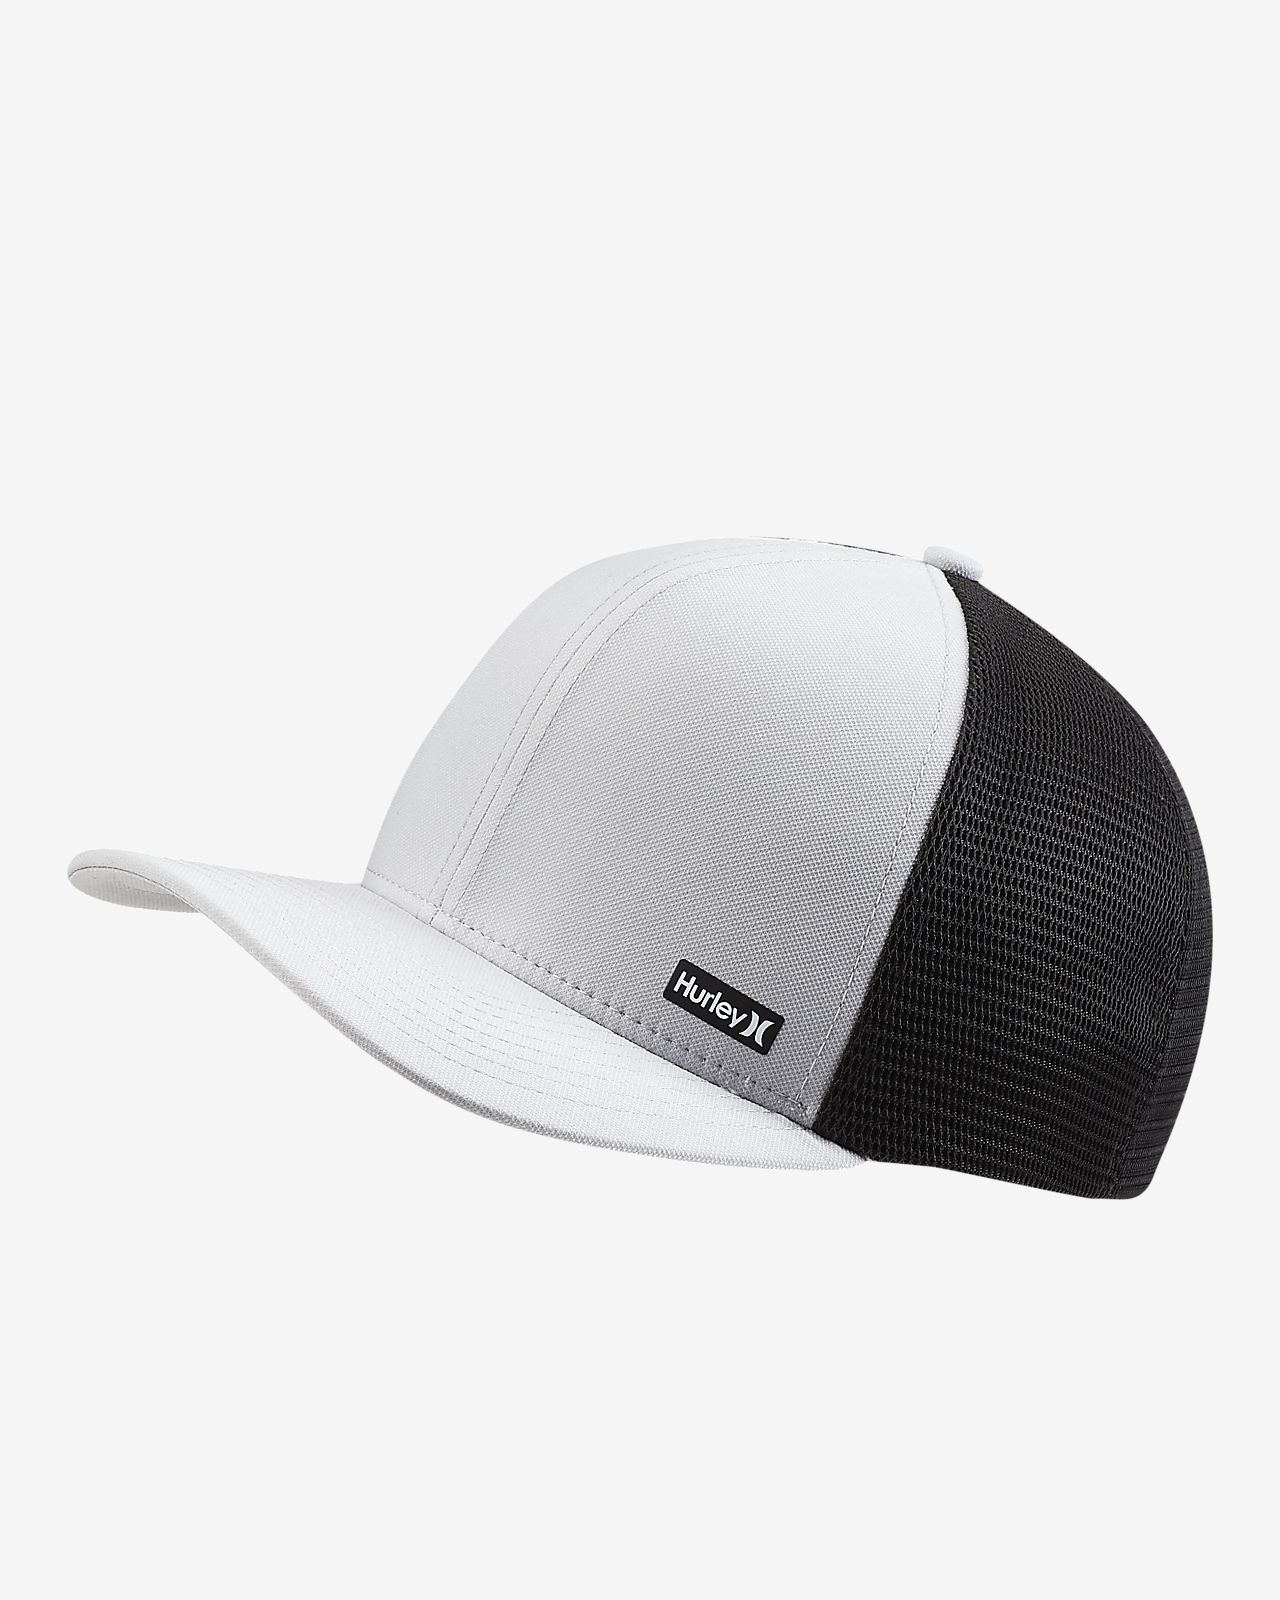 Hurley League Men's Hat